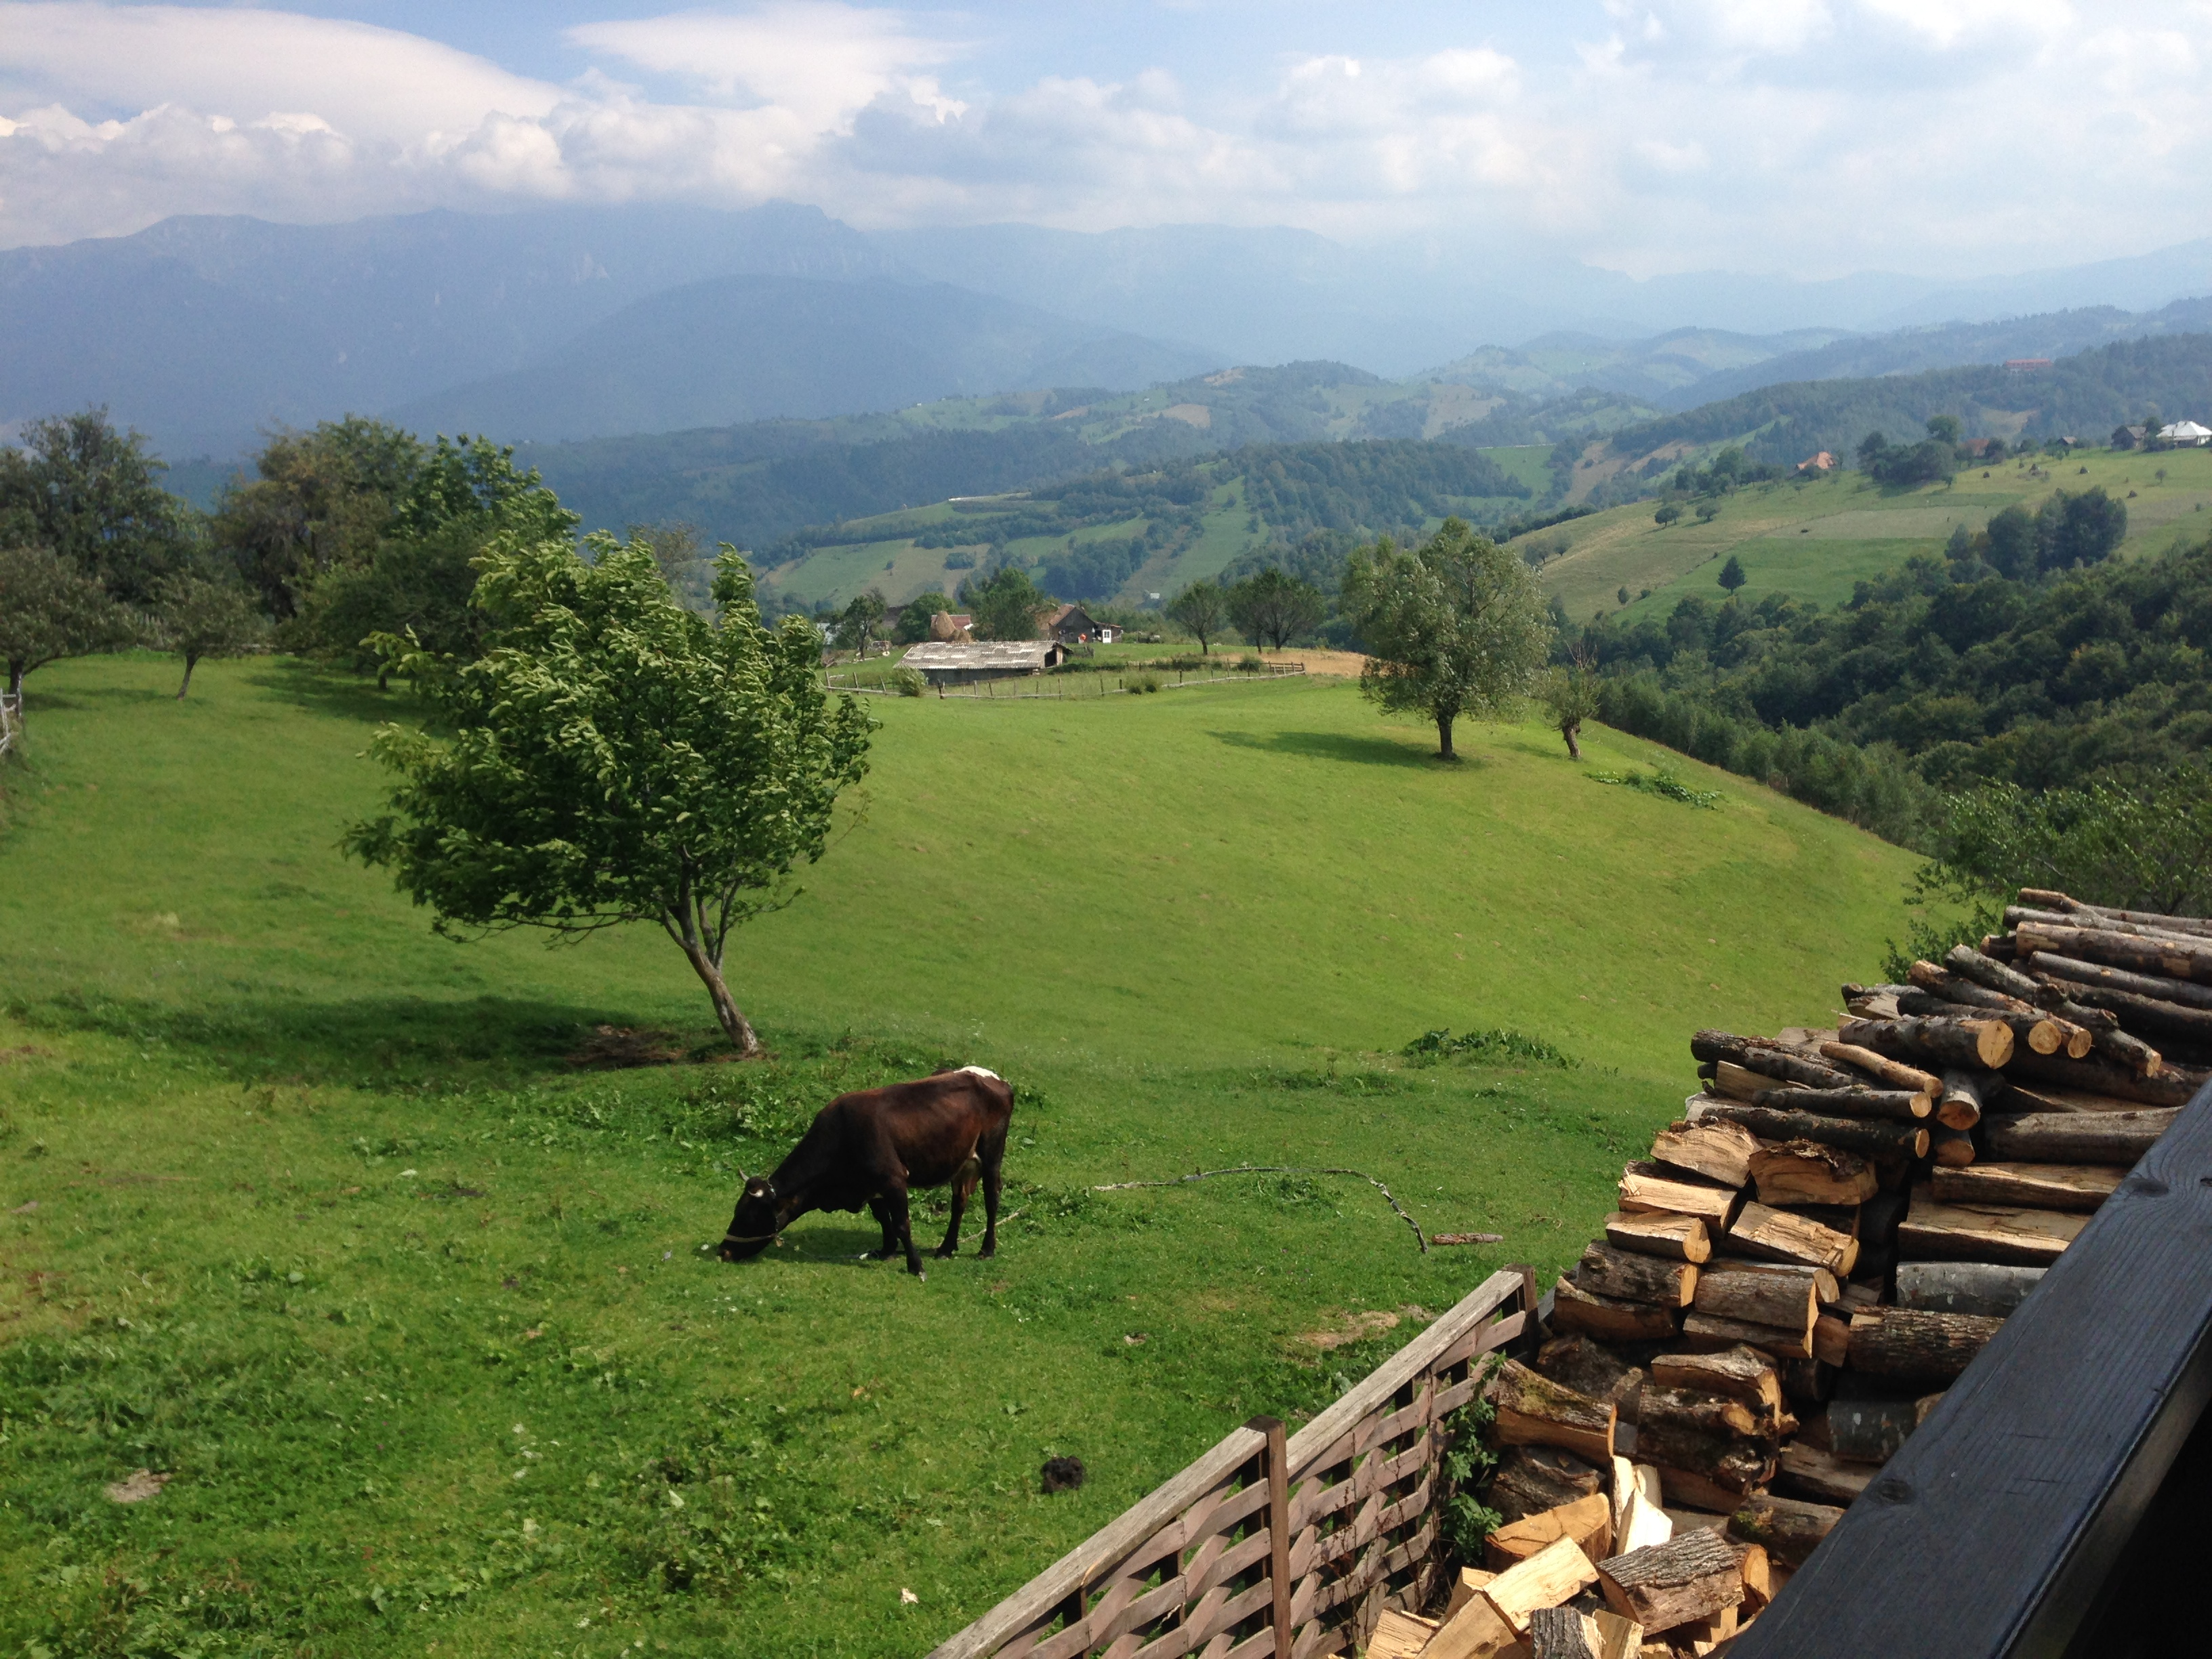 Blick über eine Wiese auf die hügelige Landschaft der rumänischen Kaparten